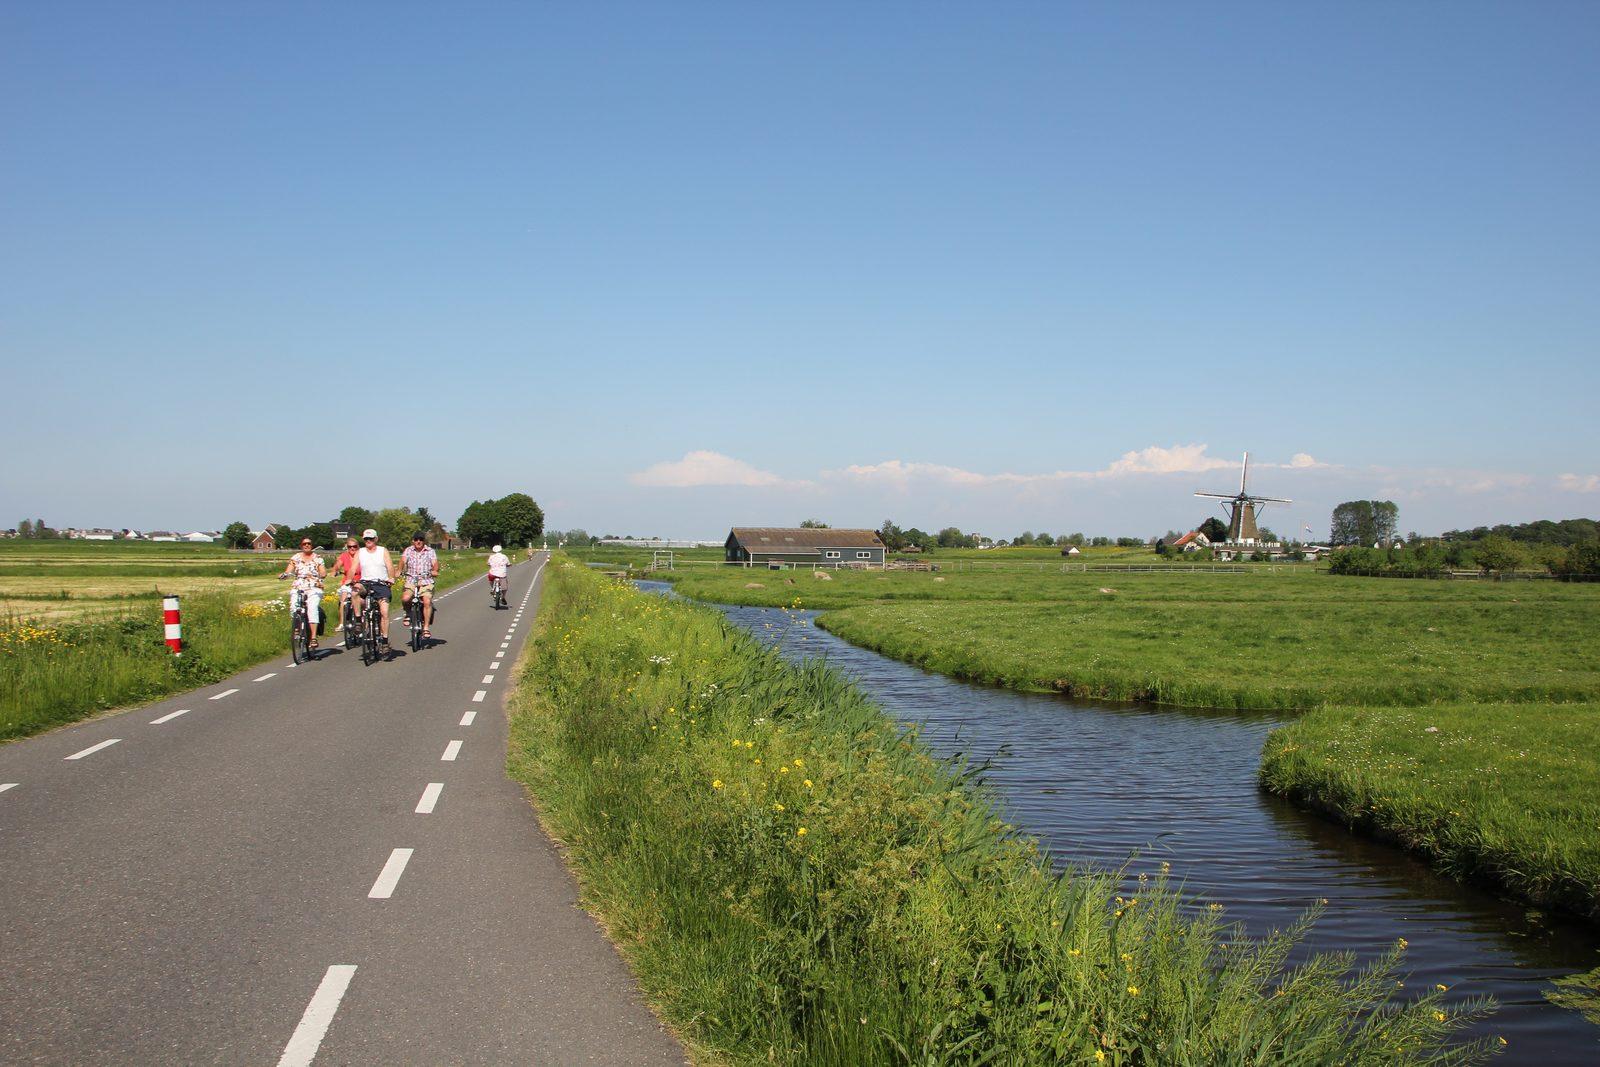 Fahrradvermietung für Parkgäste